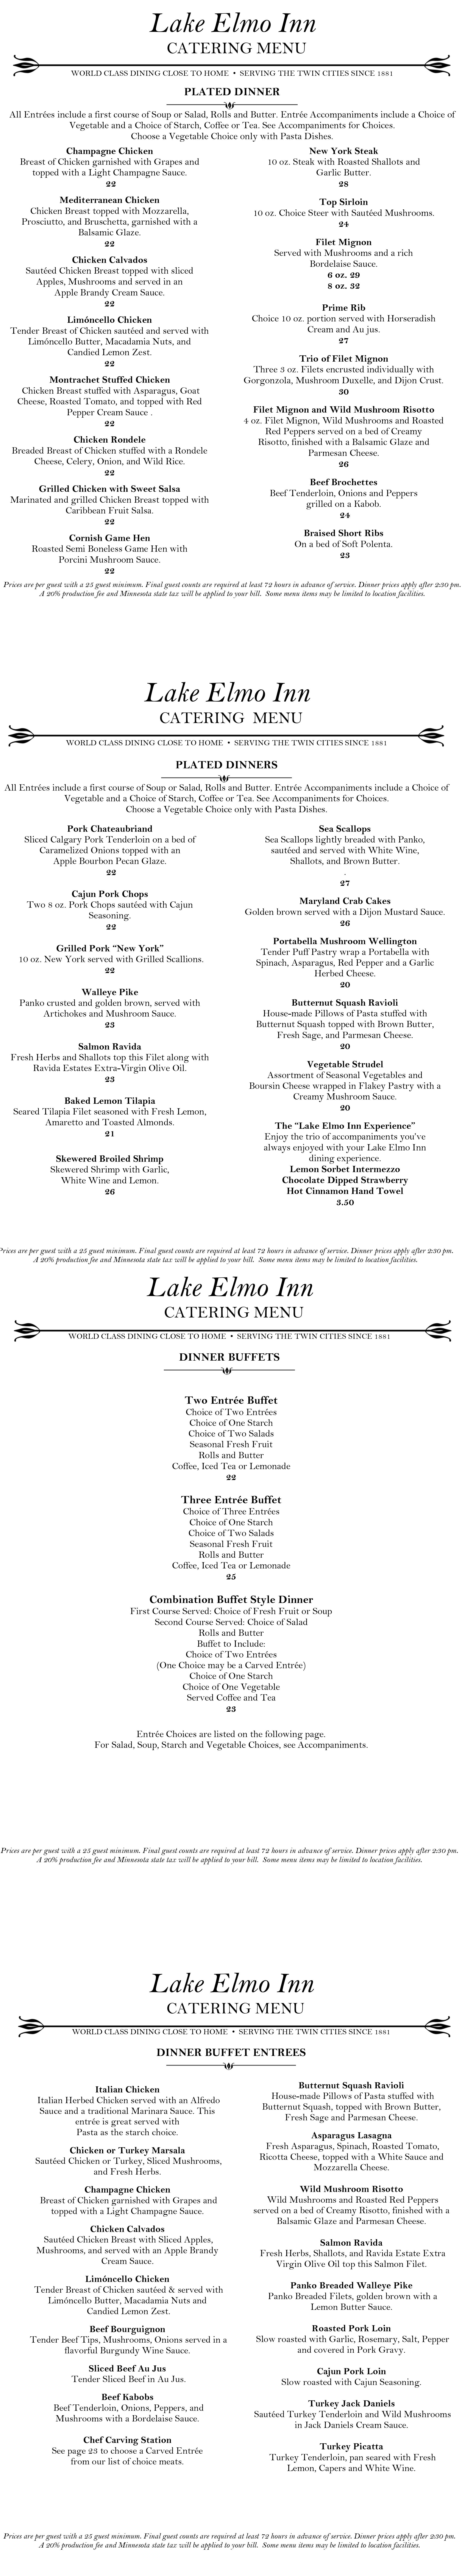 Lake Elmo Inn - Catering